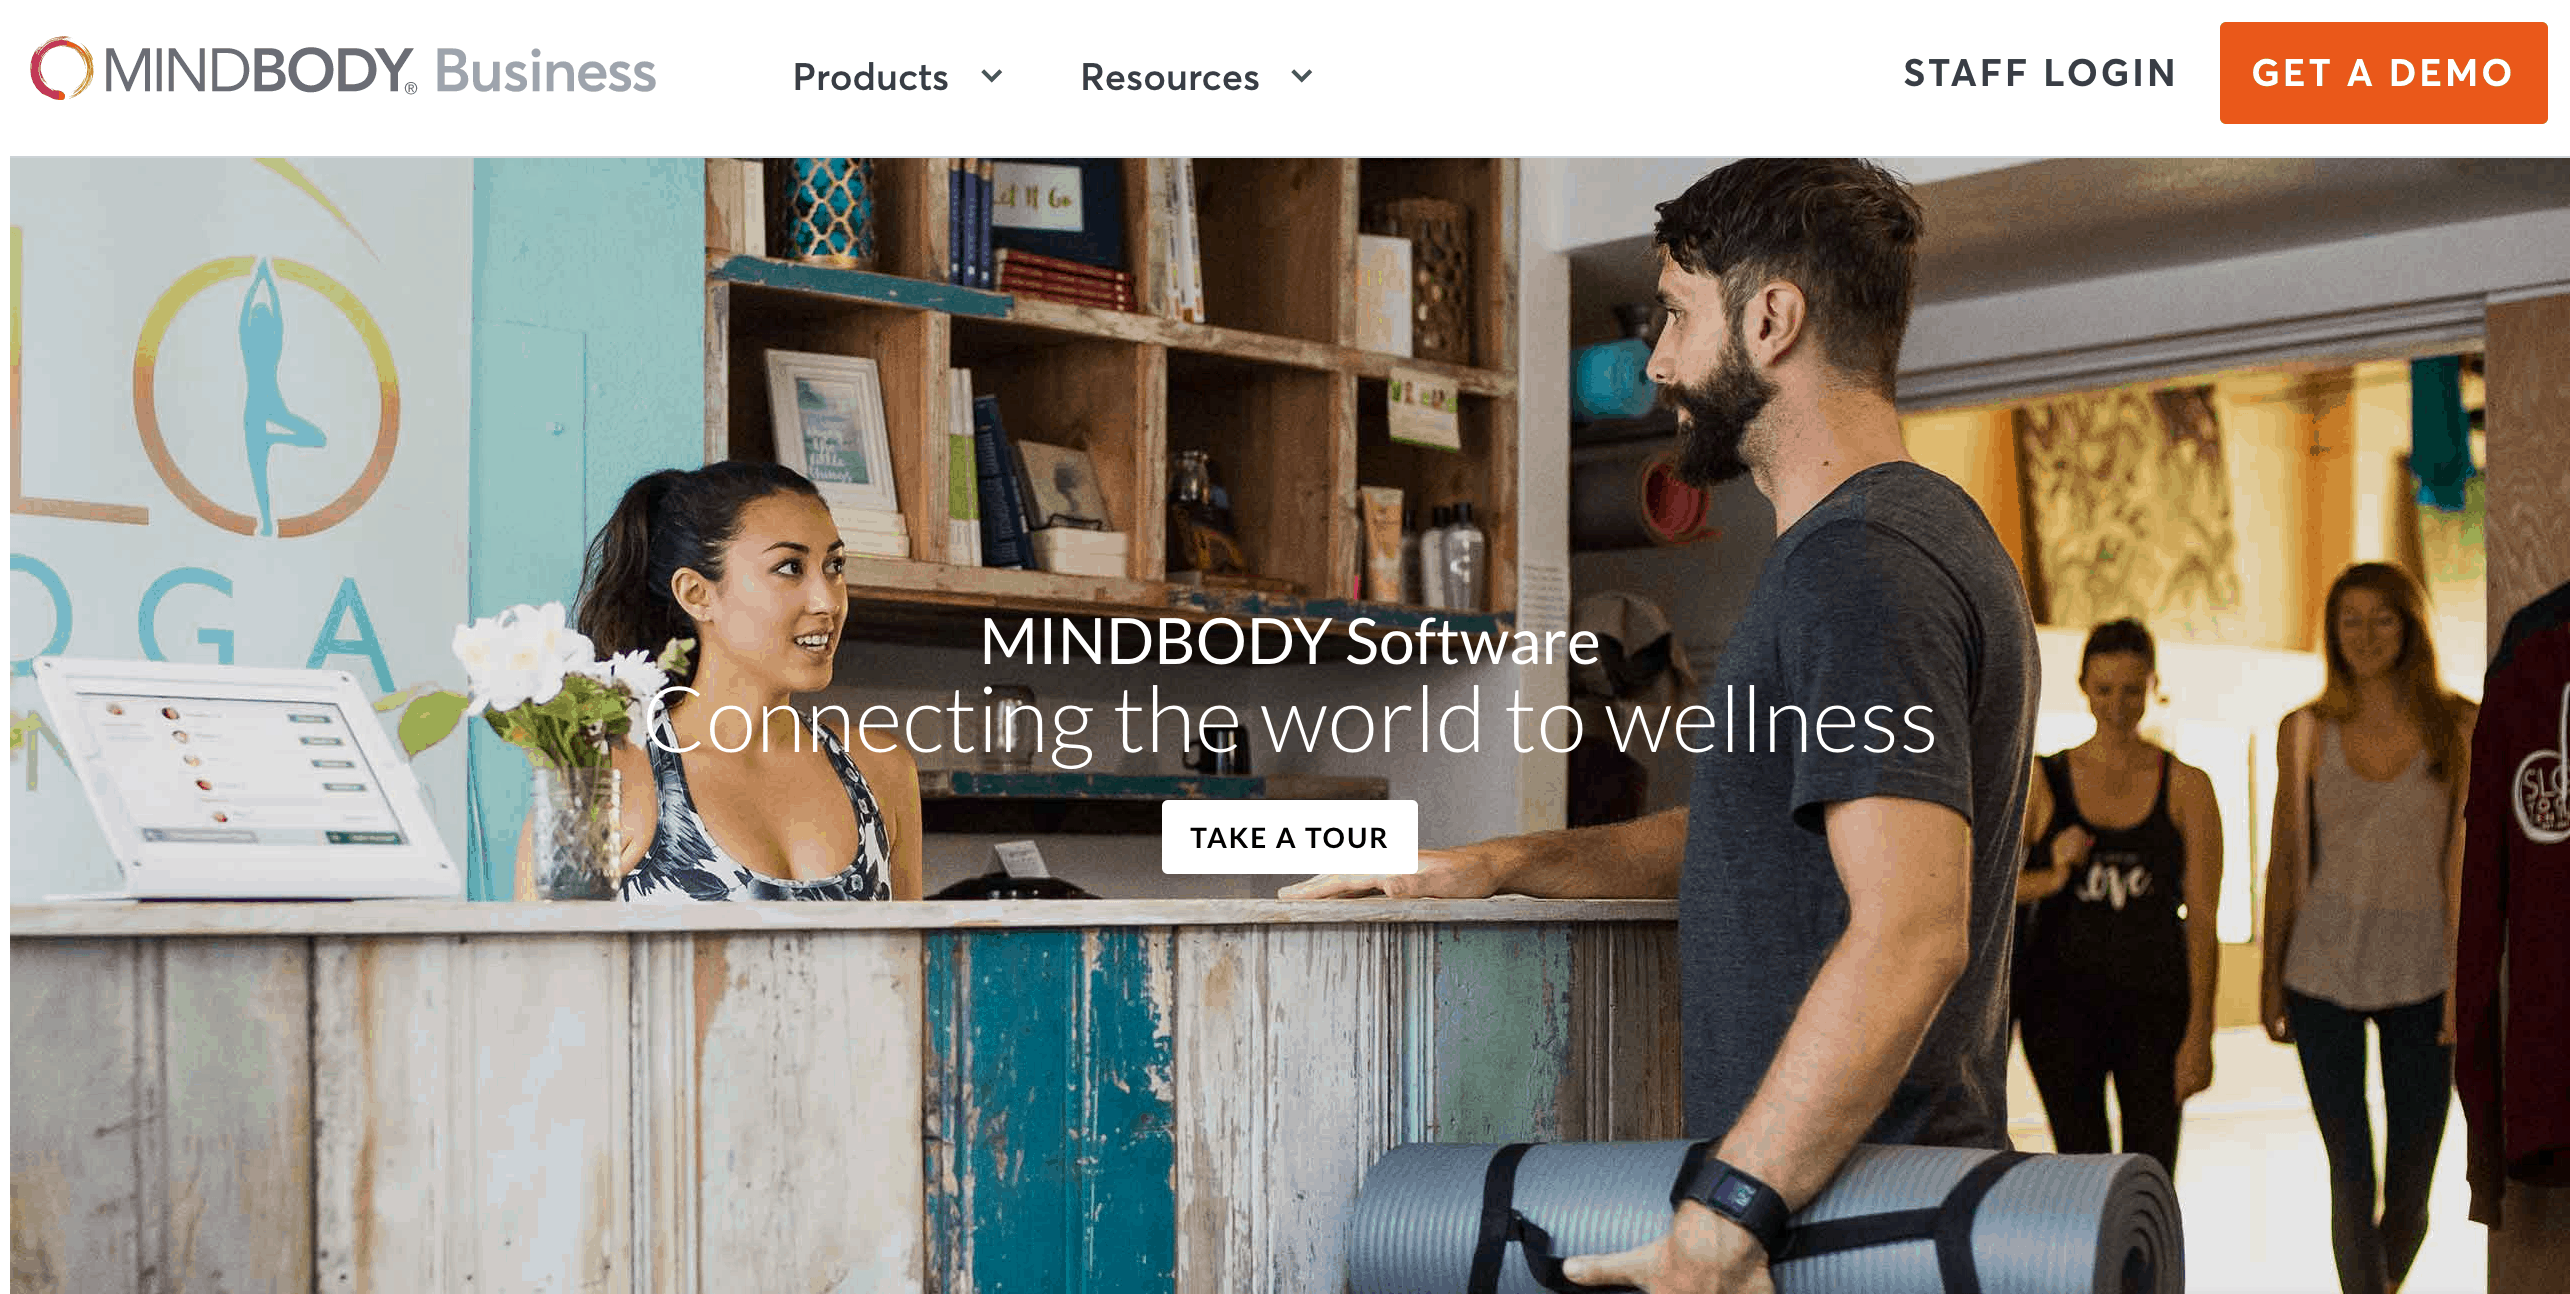 MINDBODY website screenshot